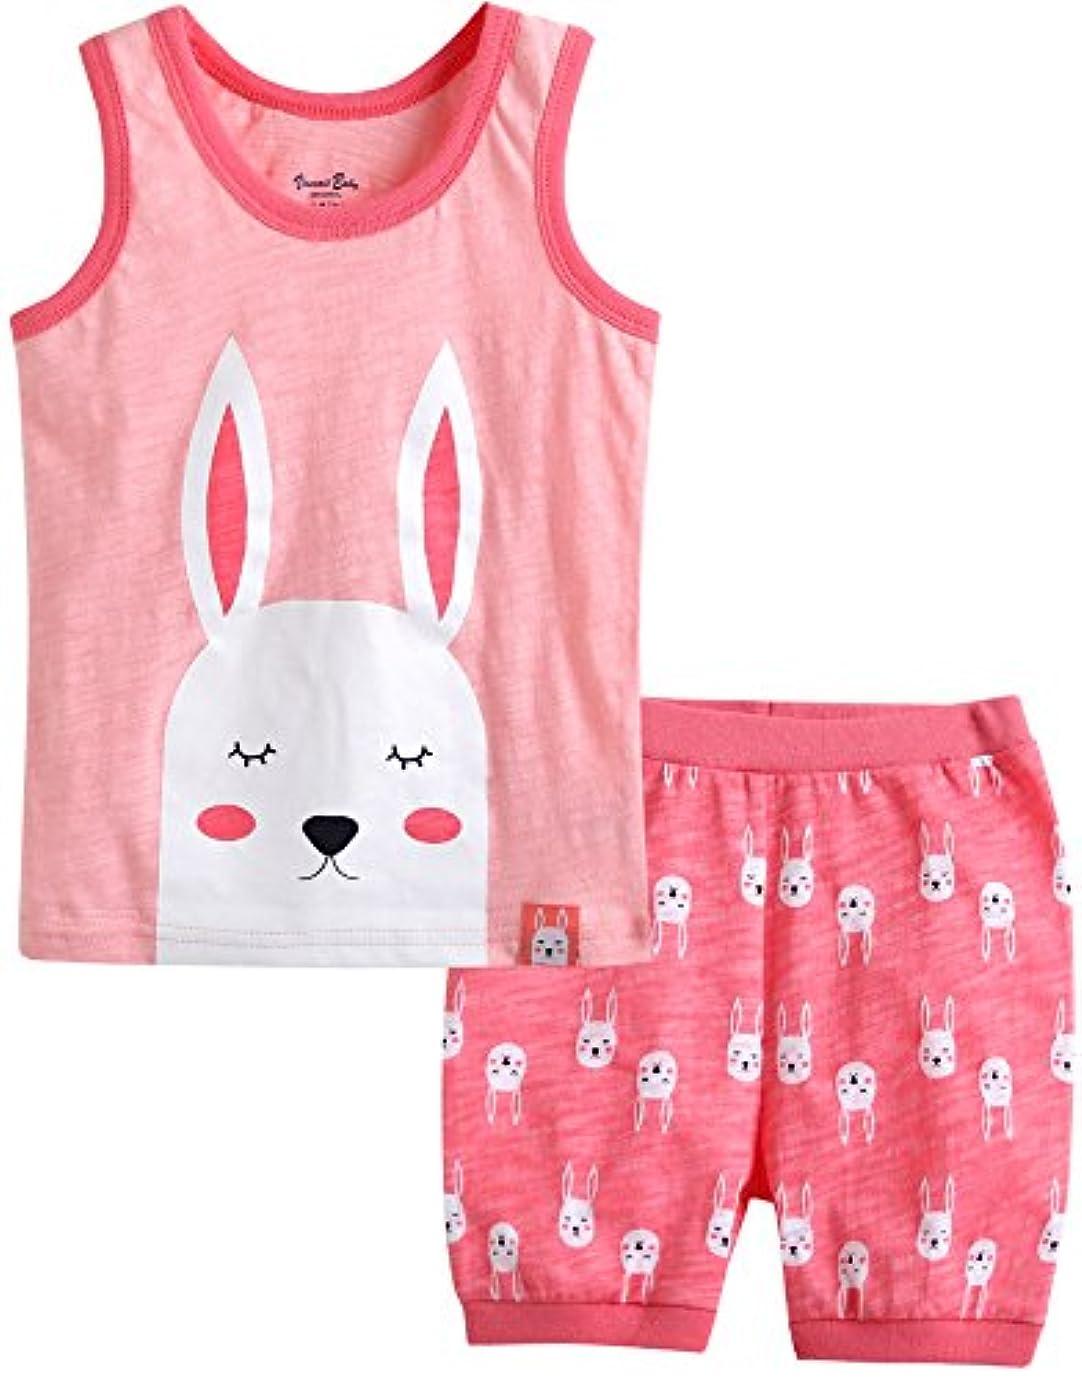 けがをする温室フィット[Vaenait Baby]キッズ12ヶ月-7歳綿100%ルームウェアノースリーブパジャマ寝間着上下セットCoolcool Rabbit